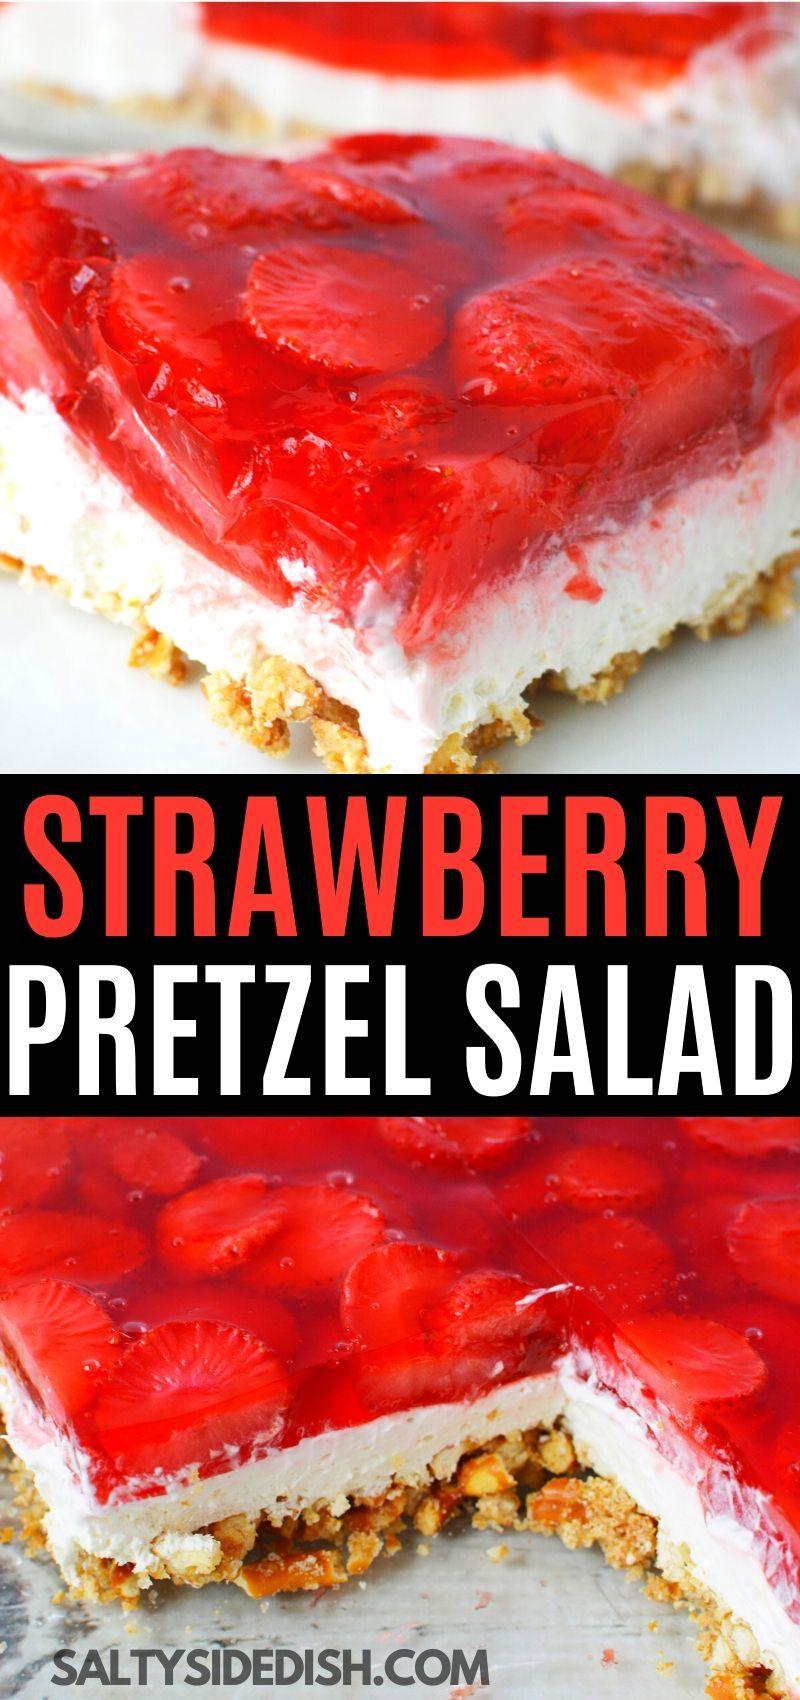 Strawberry Pretzel Jello Salad Recipe In 2020 Strawberry Pretzel Jello Salad Jello Pretzel Salad Strawberry Pretzel Salad Recipe